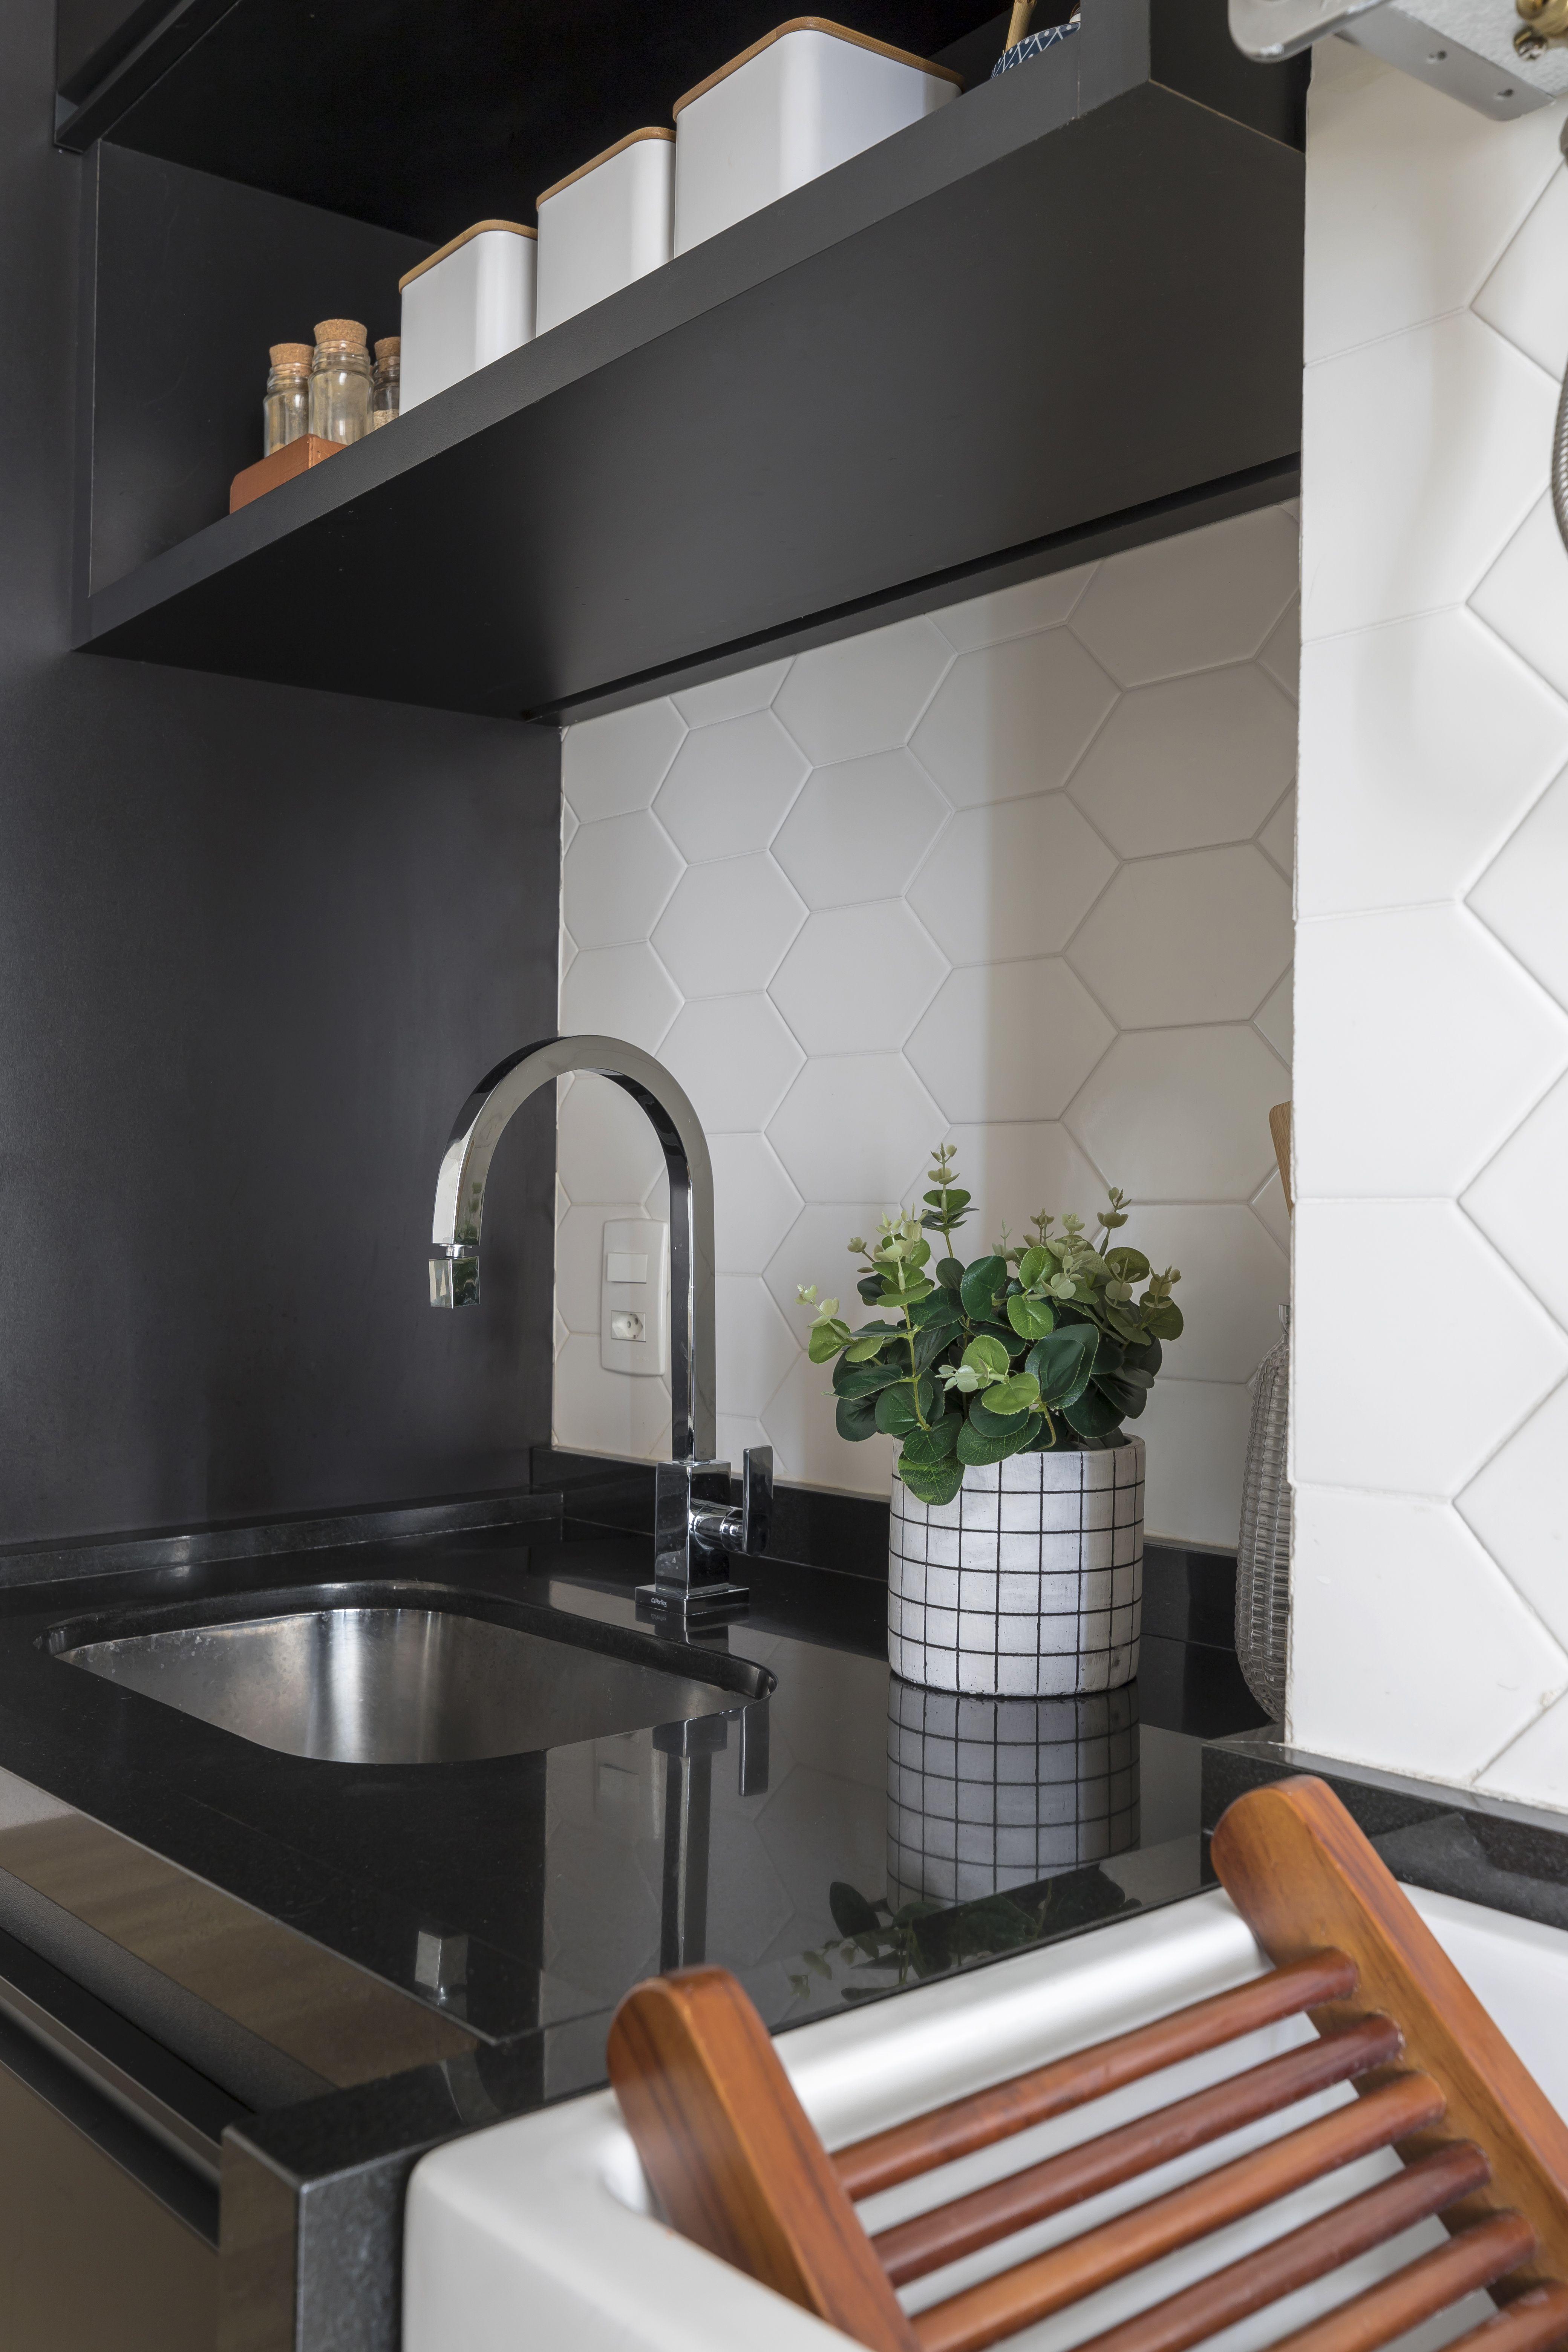 Photo of Sala de estar integrada en la cocina • solución agradable y contemporánea • fotos …